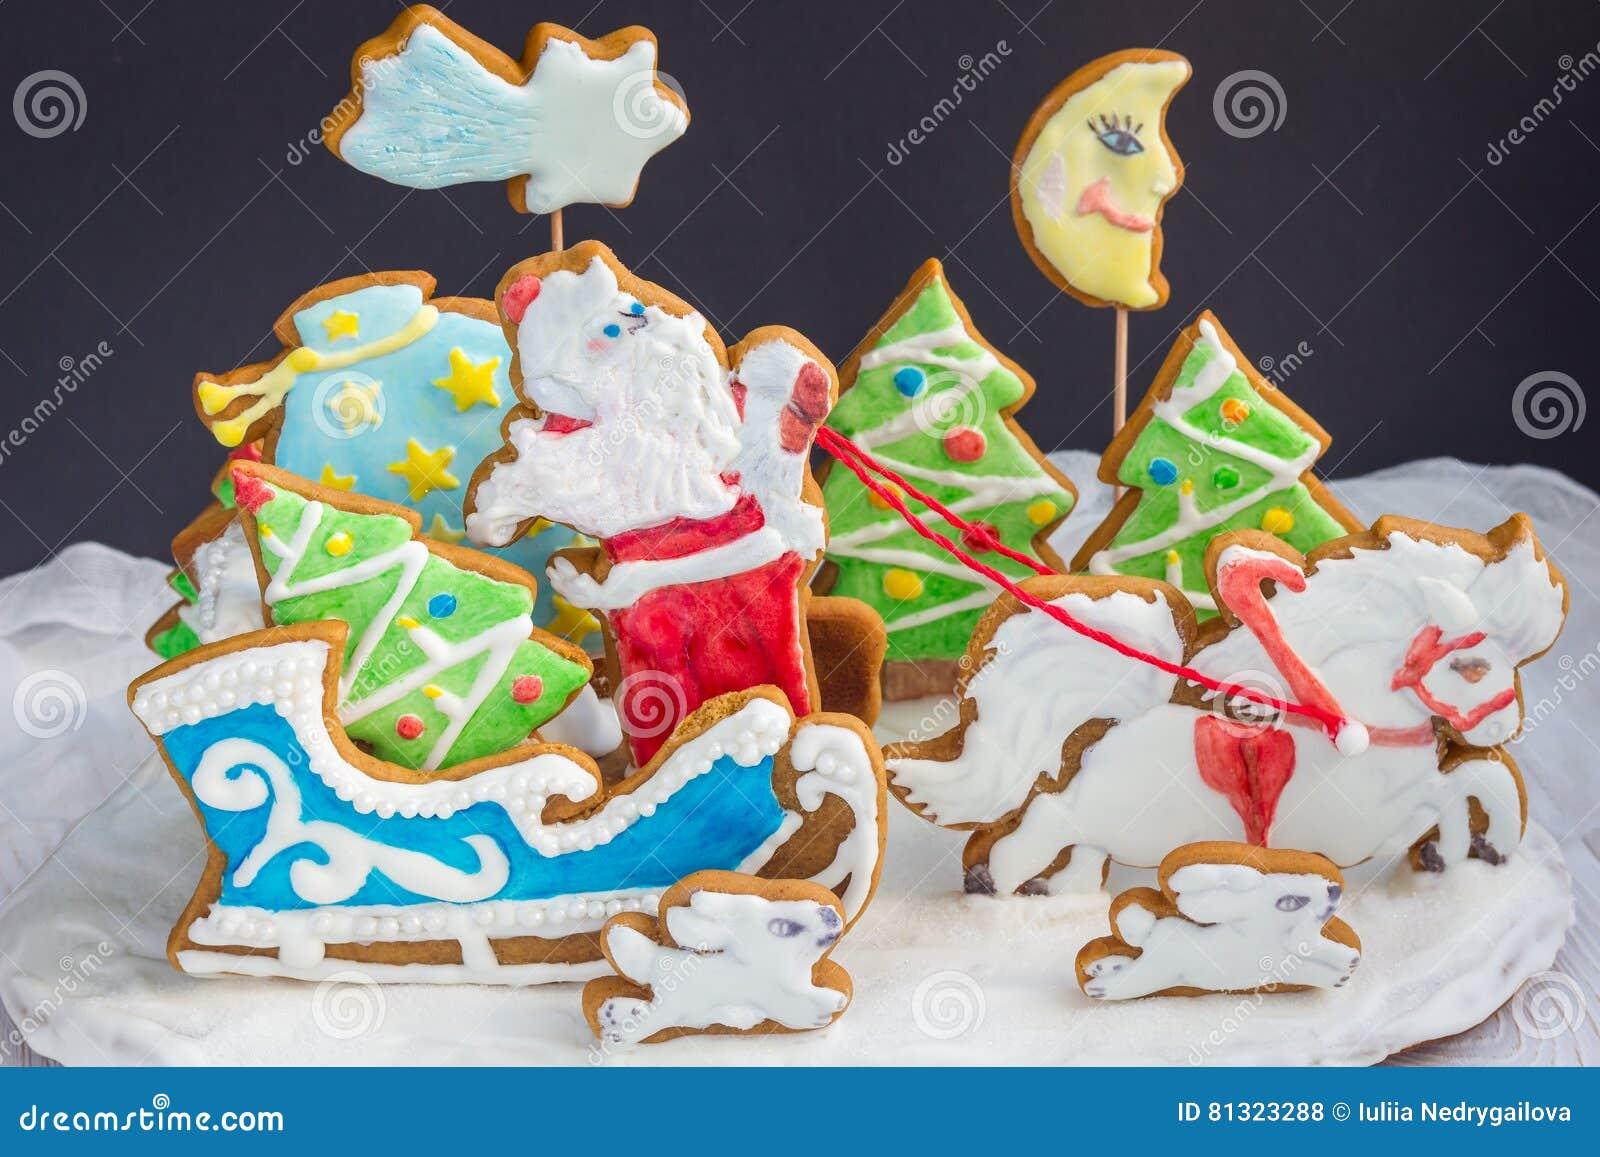 Biscotti Albero Di Natale 3d.Composizione In Natale 3d Dai Biscotti Al Forno Del Pan Di Zenzero